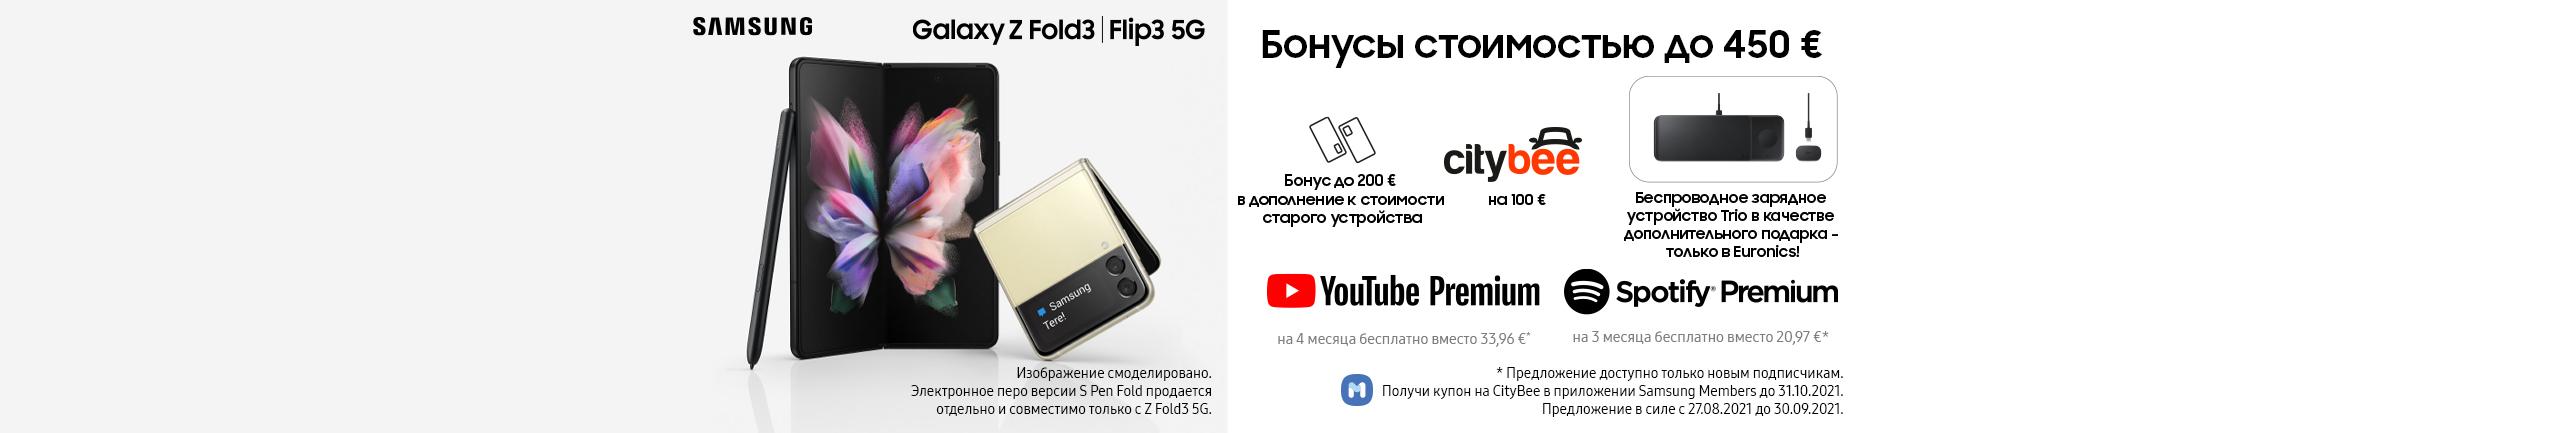 Купите Samsung Galaxy Z Flip 3 или Z Fold 3 и получите в подарок беспроводное зарядное устройство!